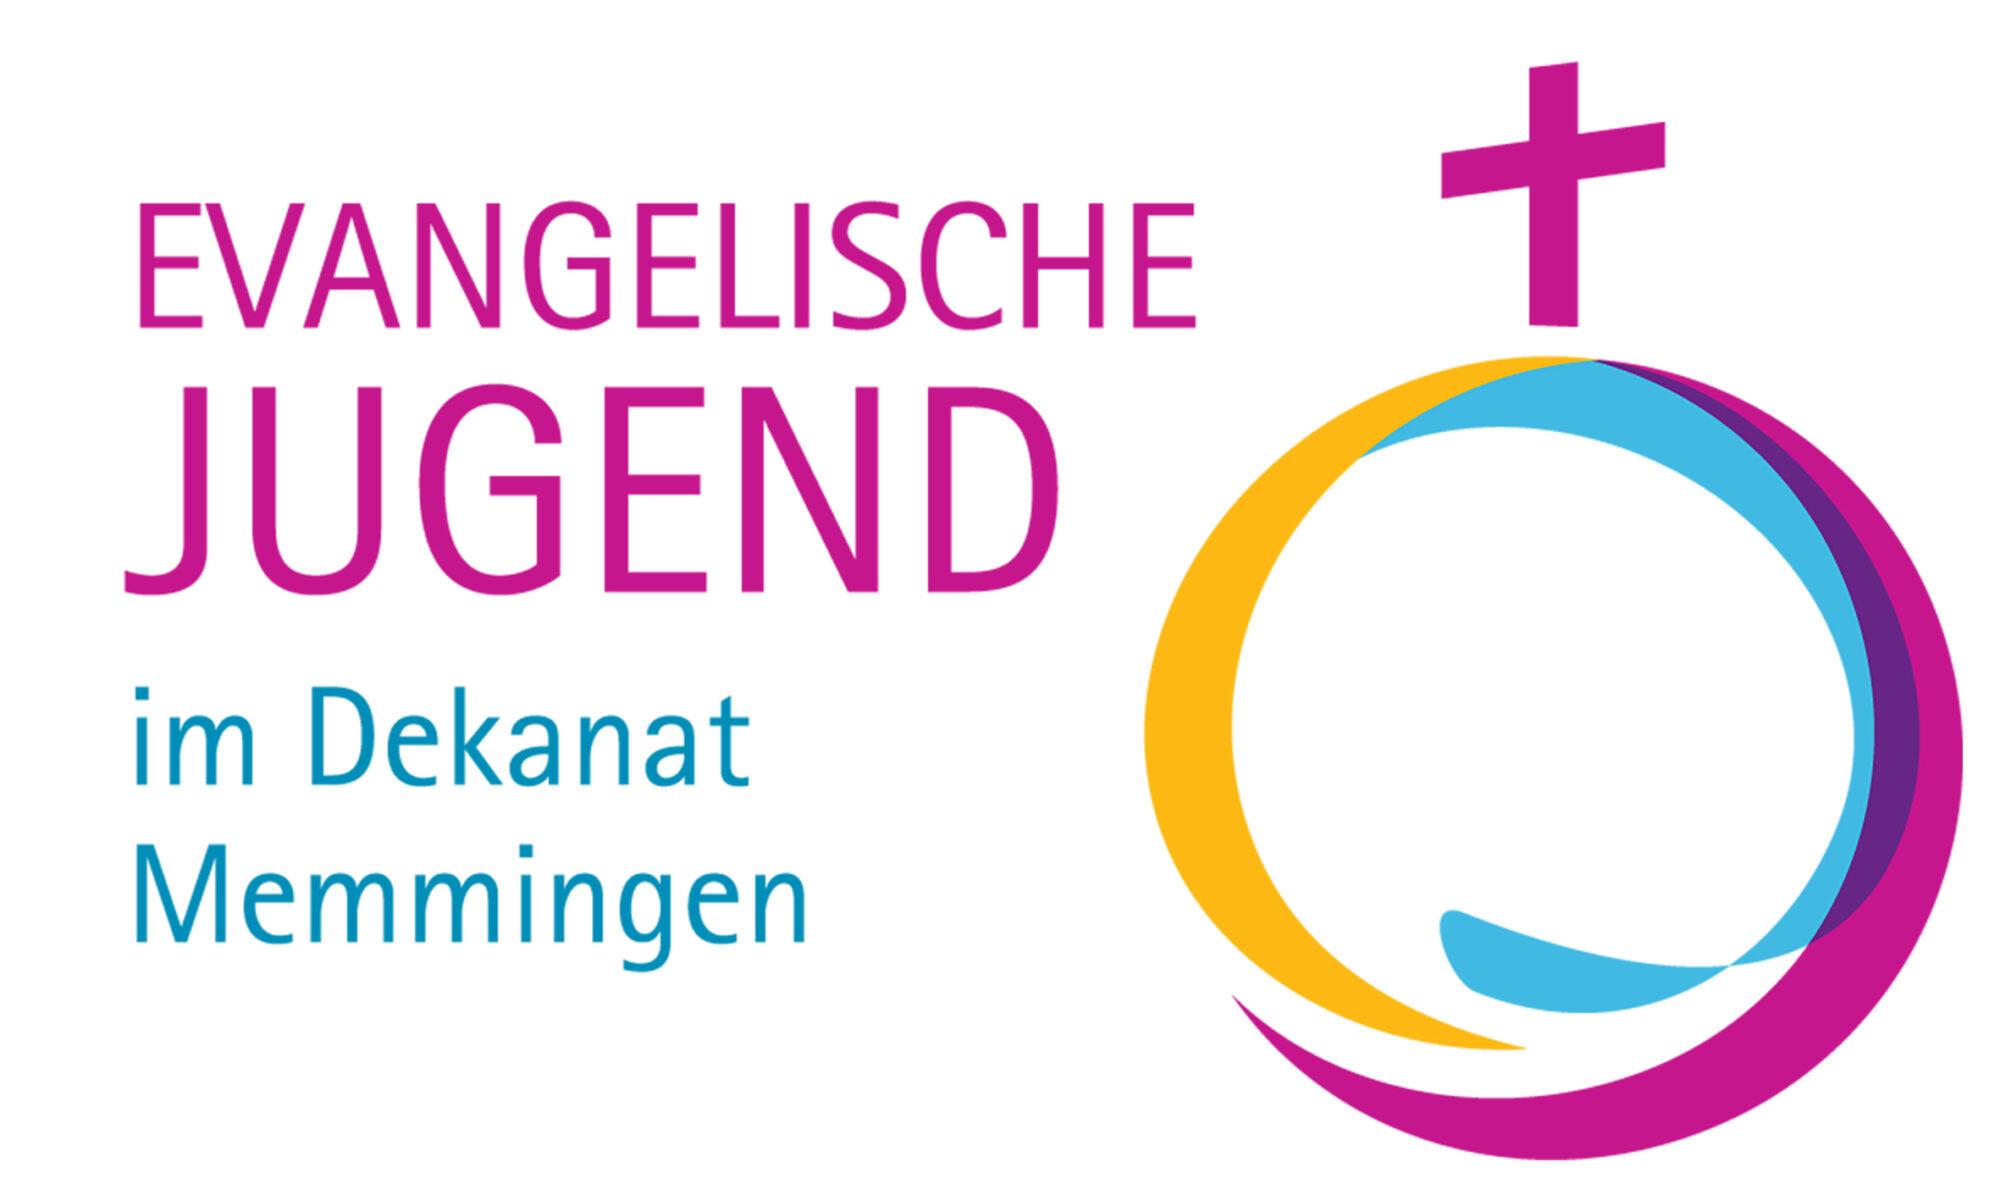 Evangelische Jugend Memmingen